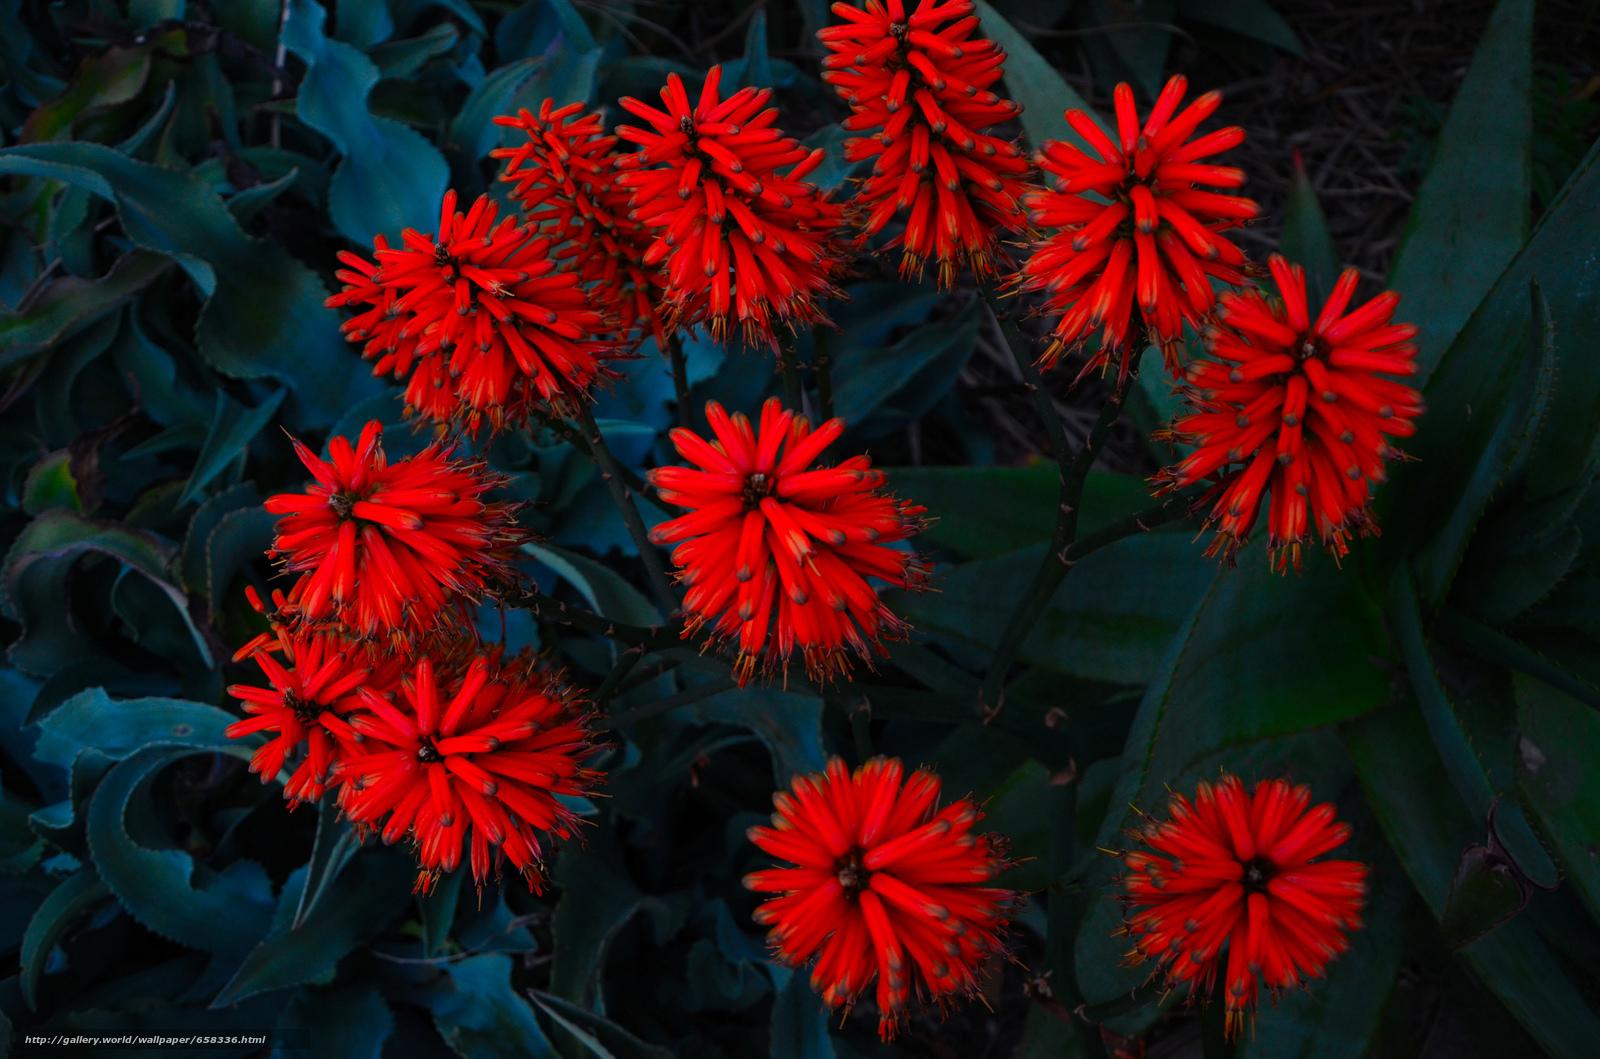 Скачать обои цветок,  цветы,  флора бесплатно для рабочего стола в разрешении 2048x1356 — картинка №658336